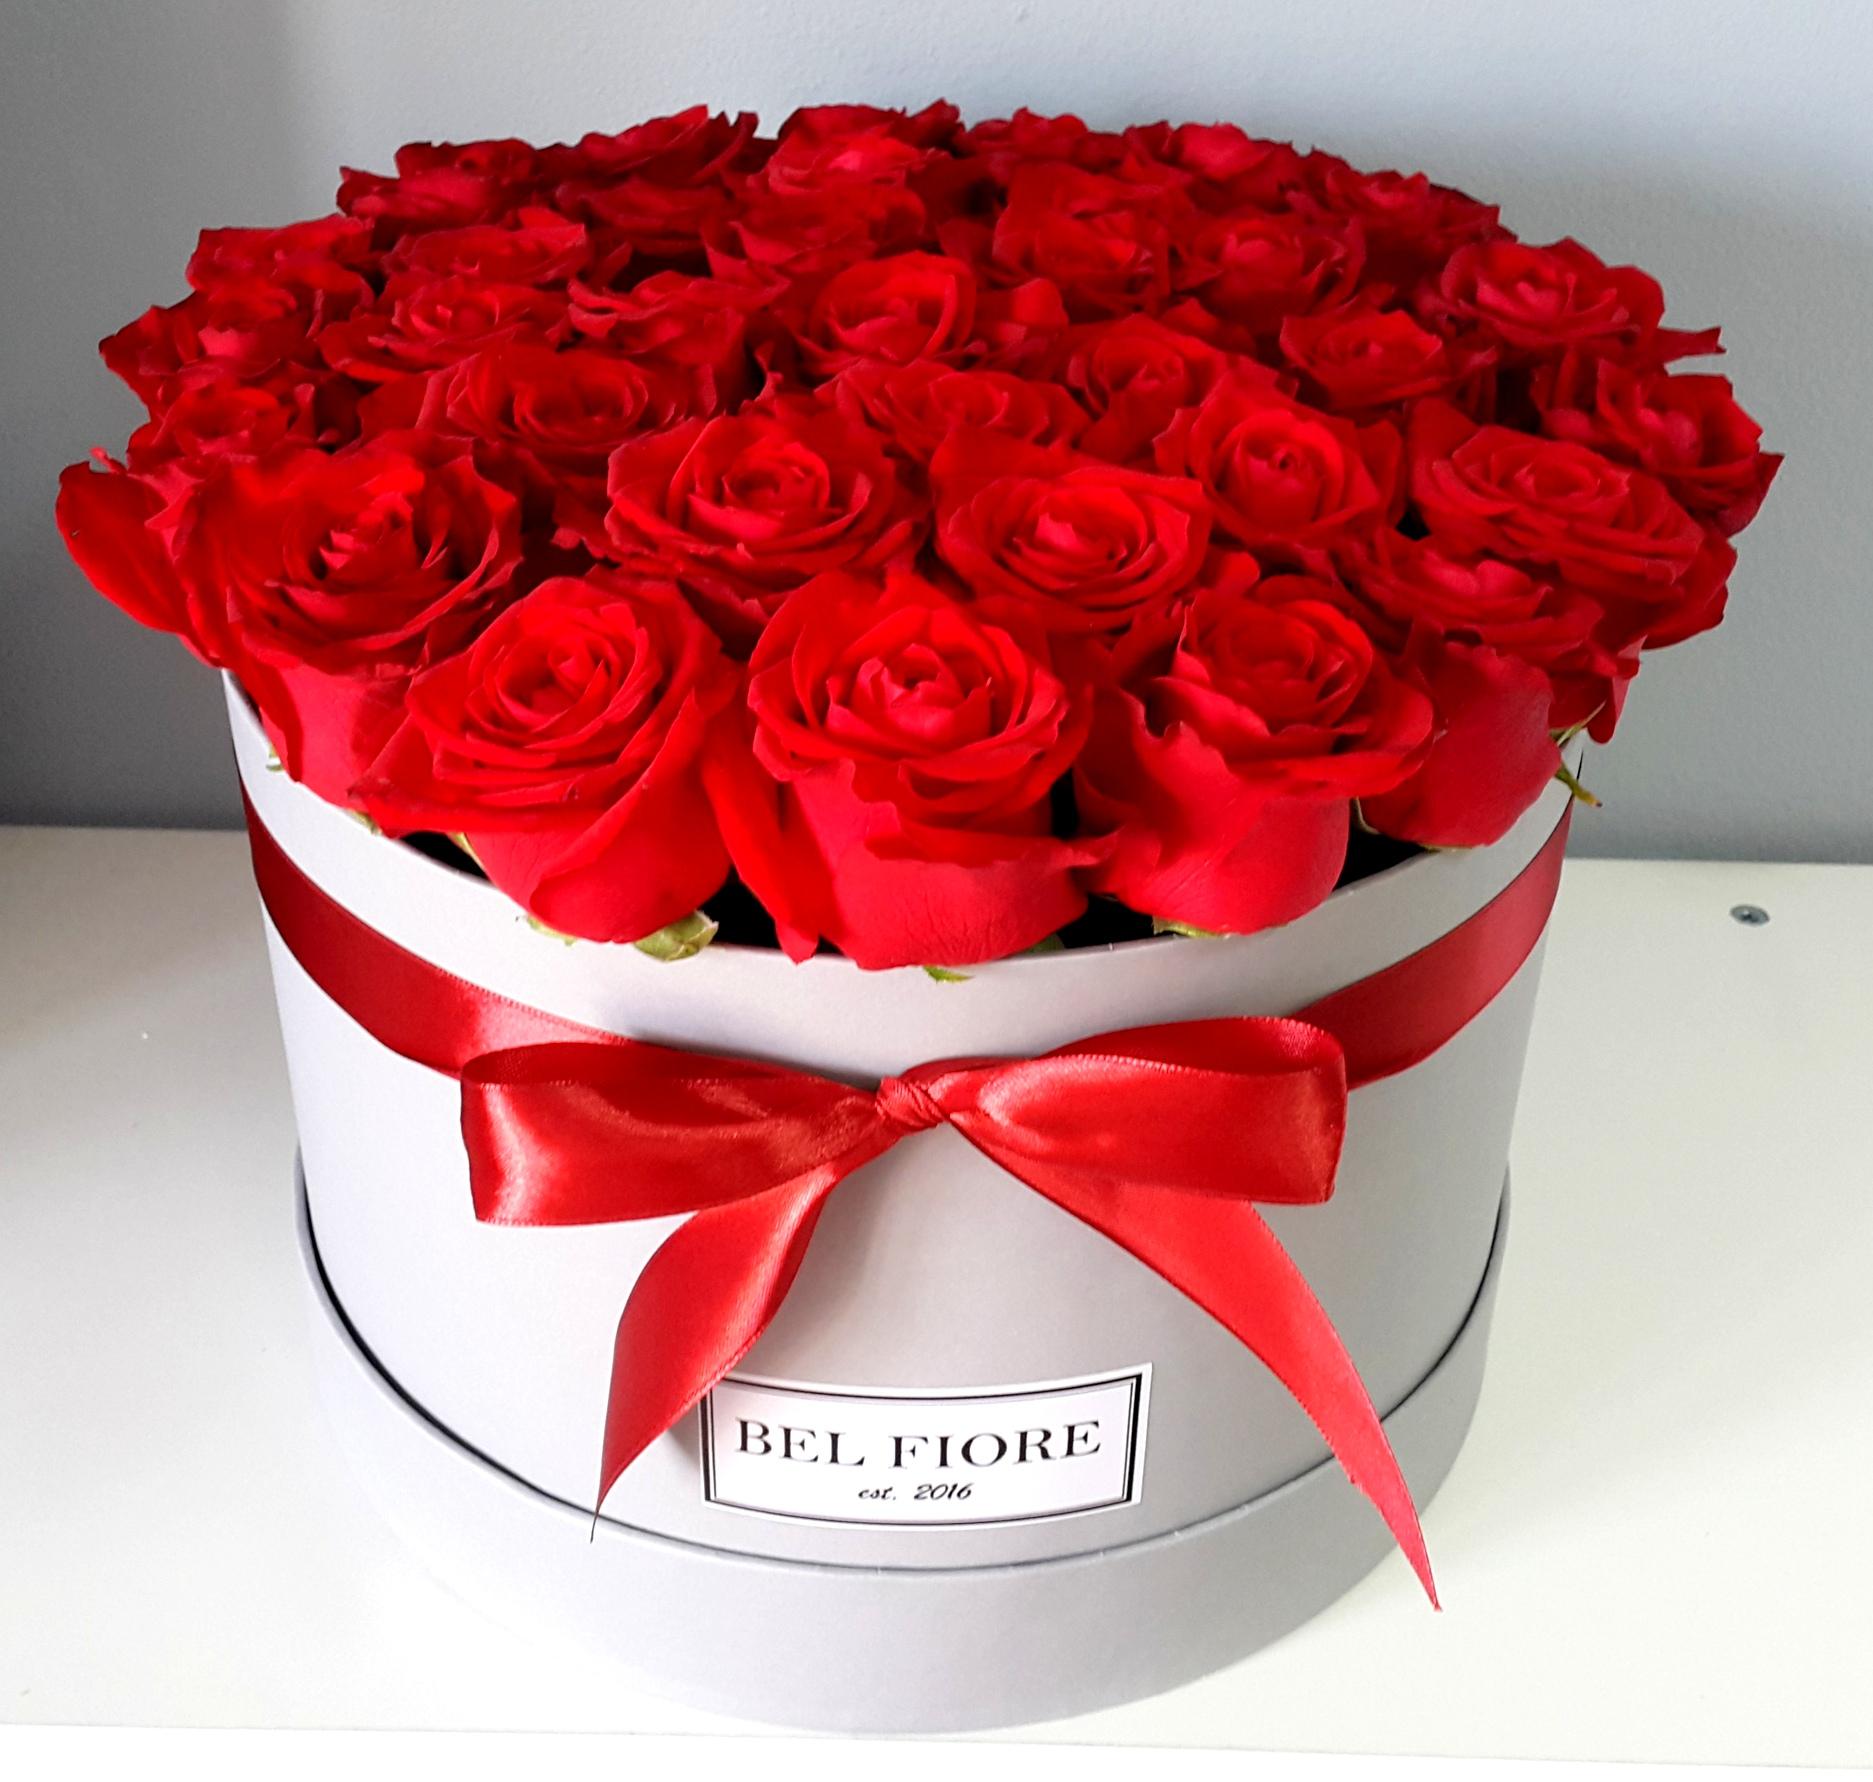 Bel Fiore Kwiaty W Pudełkach Flower Box